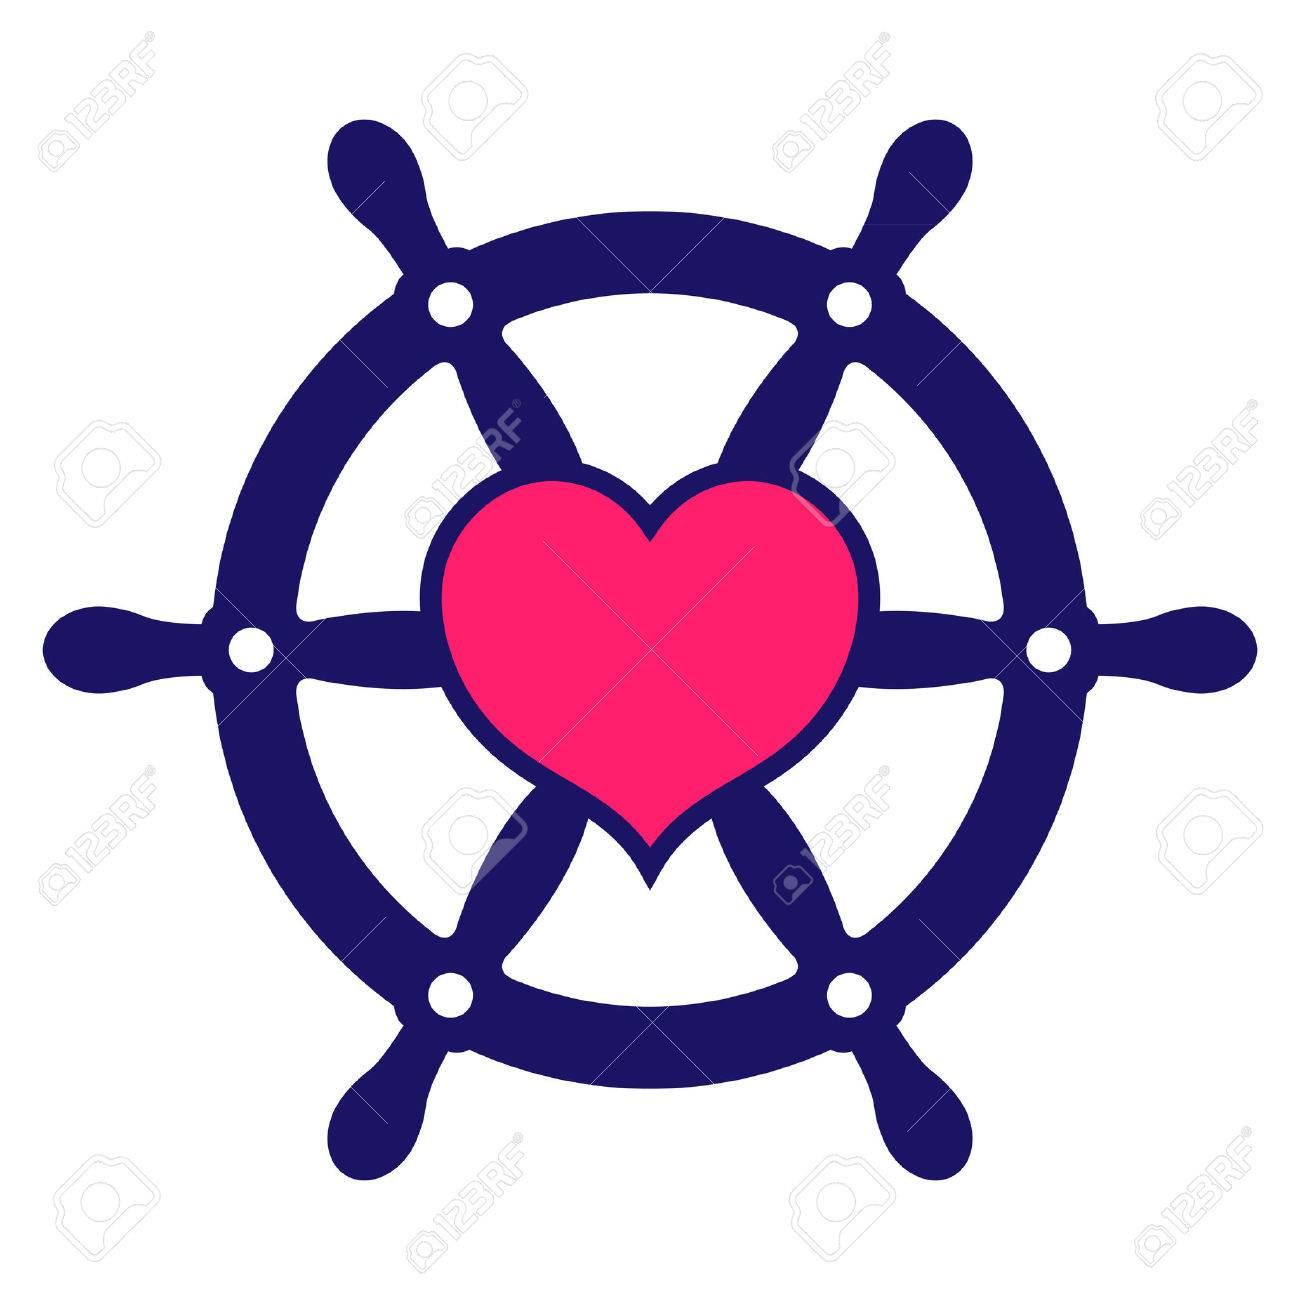 ベクトル図のデザイン要素として使用するための愛のための検索を描いた